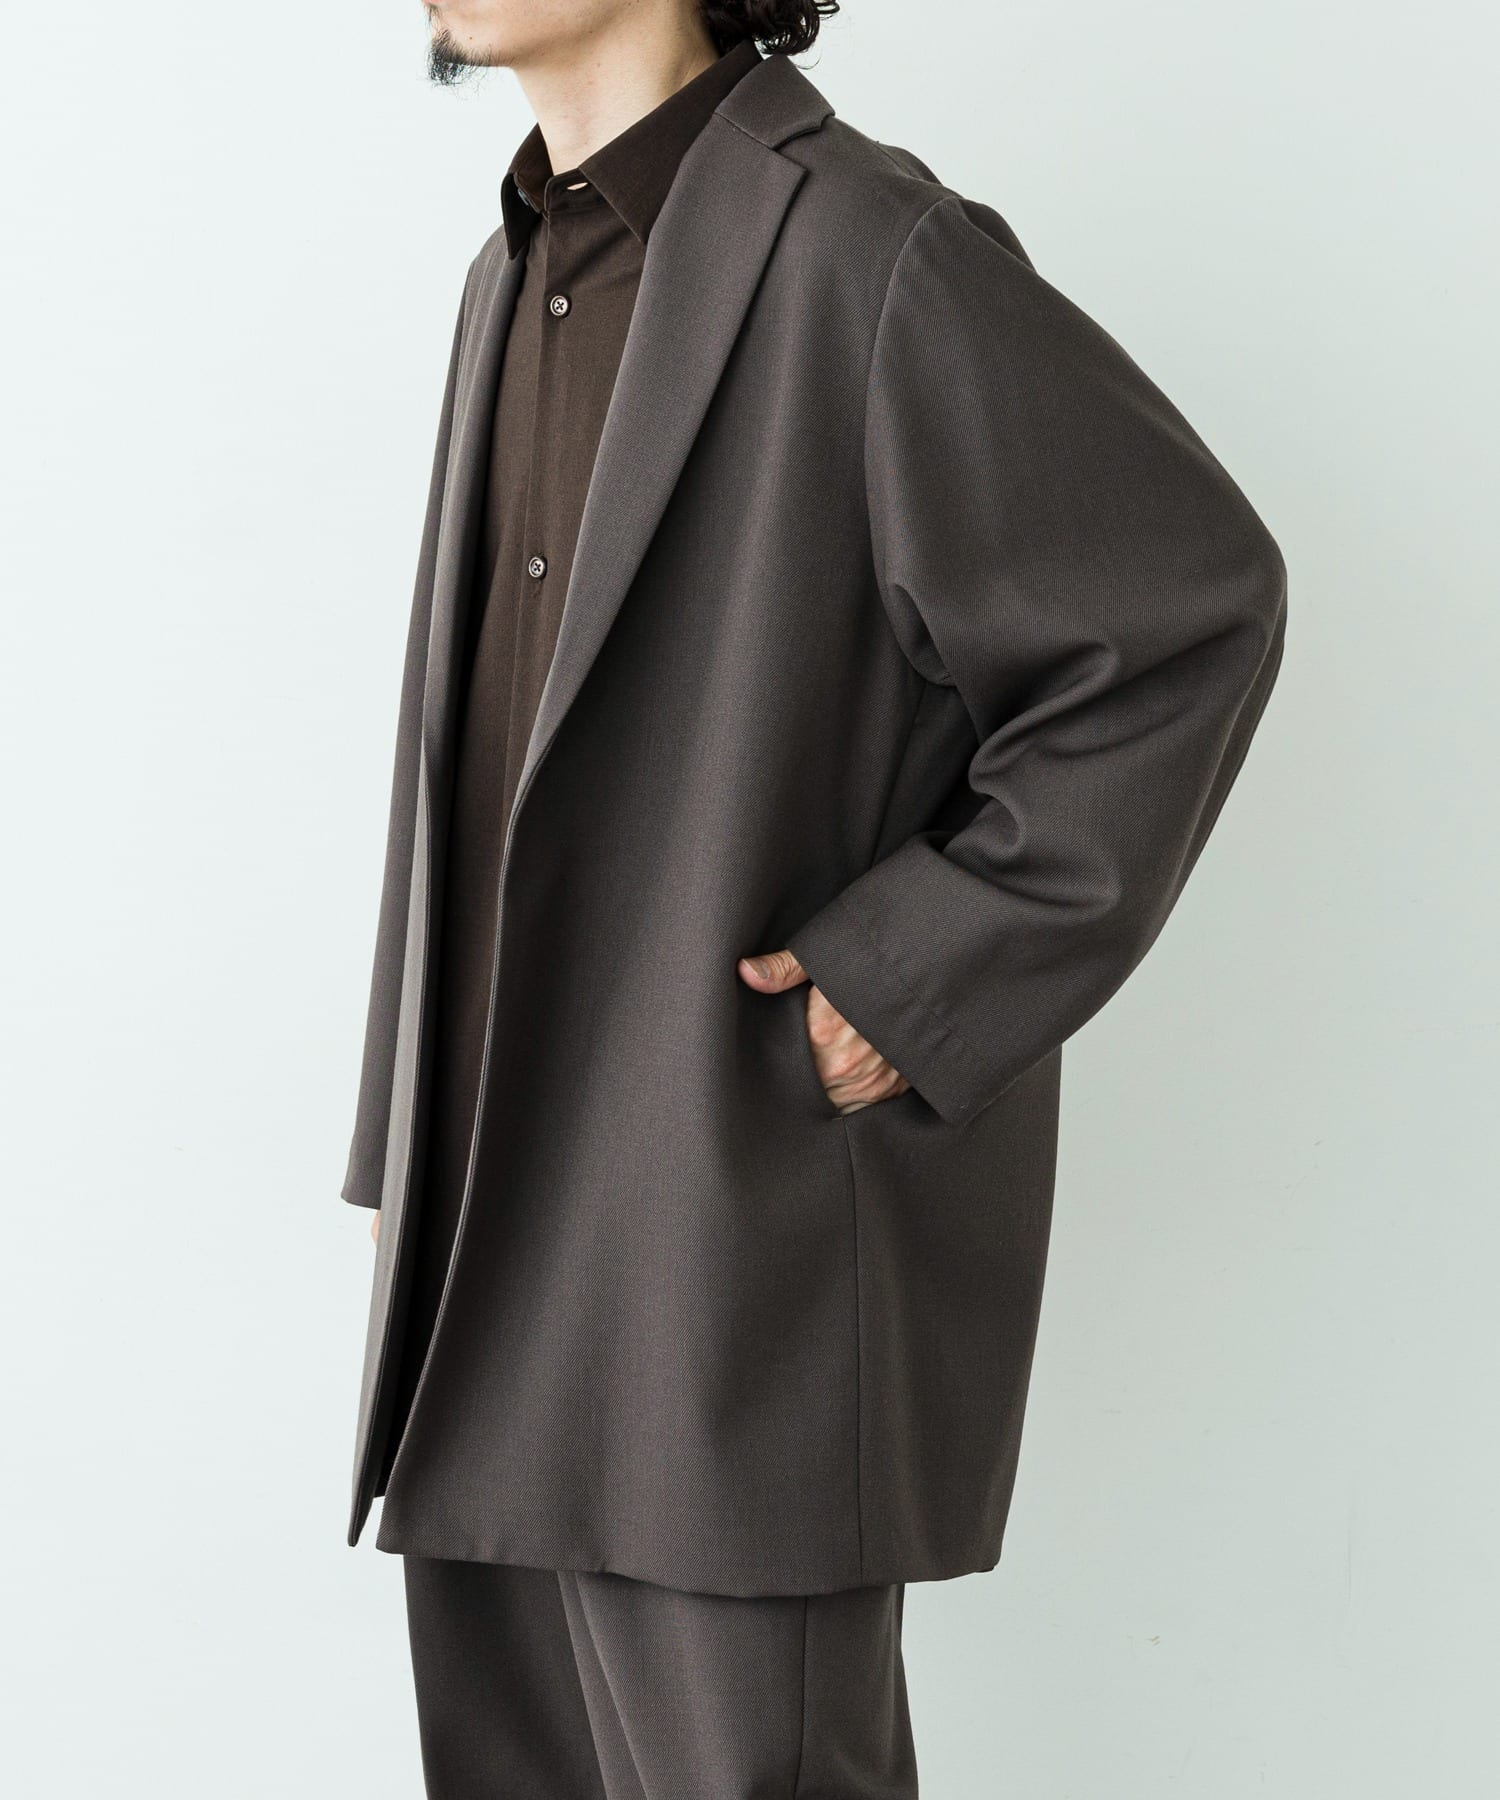 Lui's(ルイス) 【高密度ウールギャバ 2×2セットアップシリーズ】 スーパービッグジャケット